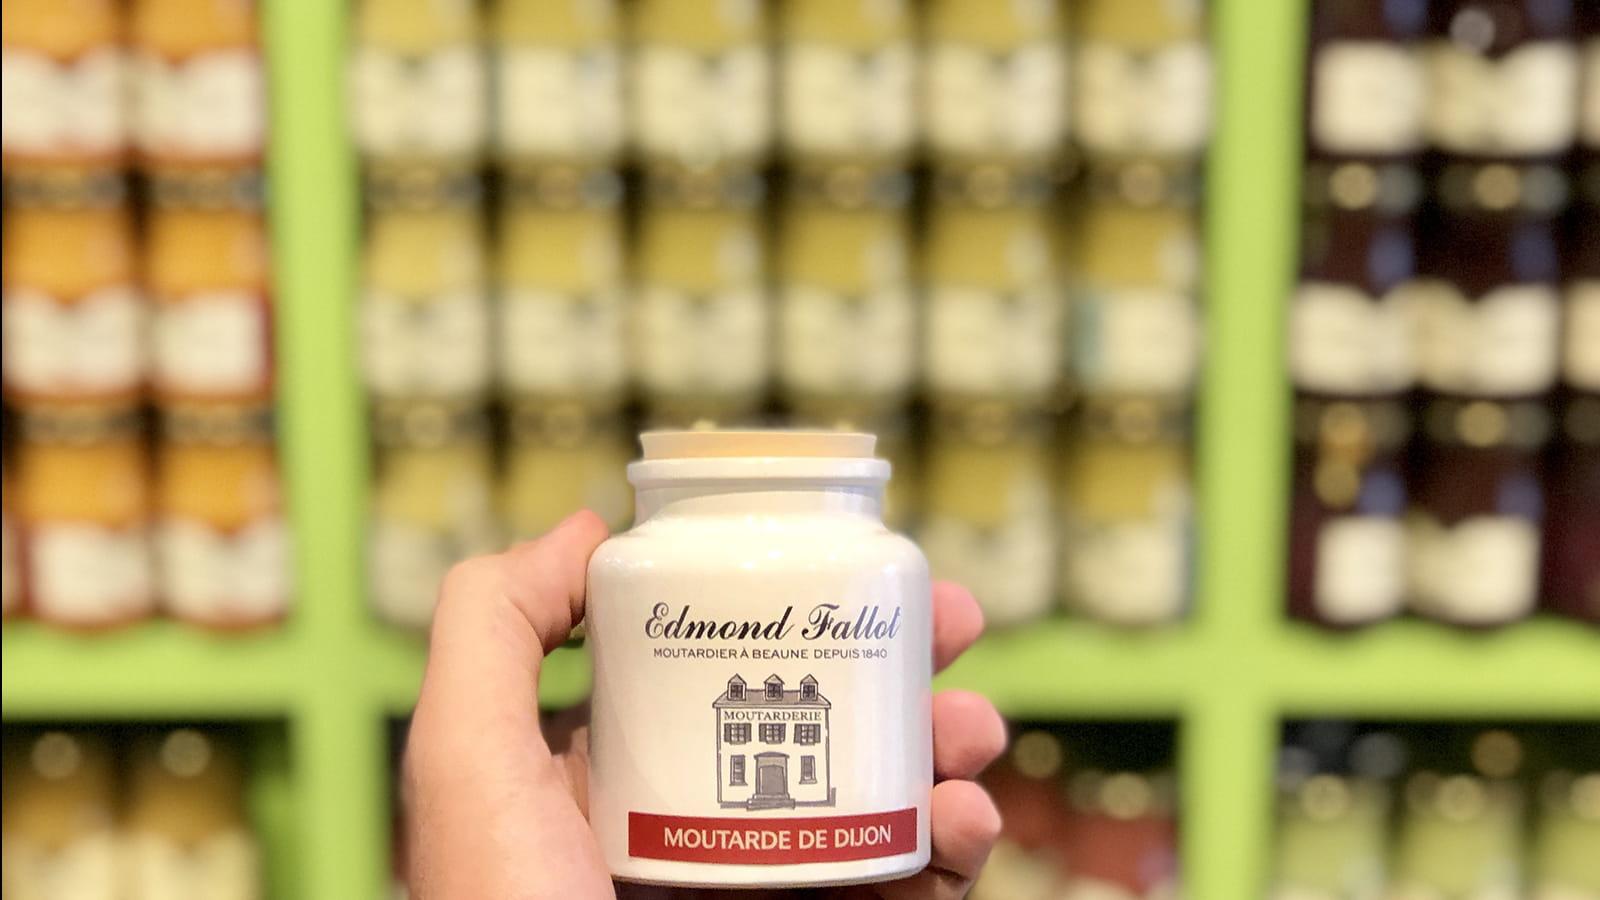 Moutardes à la boutique Fallot à Dijon